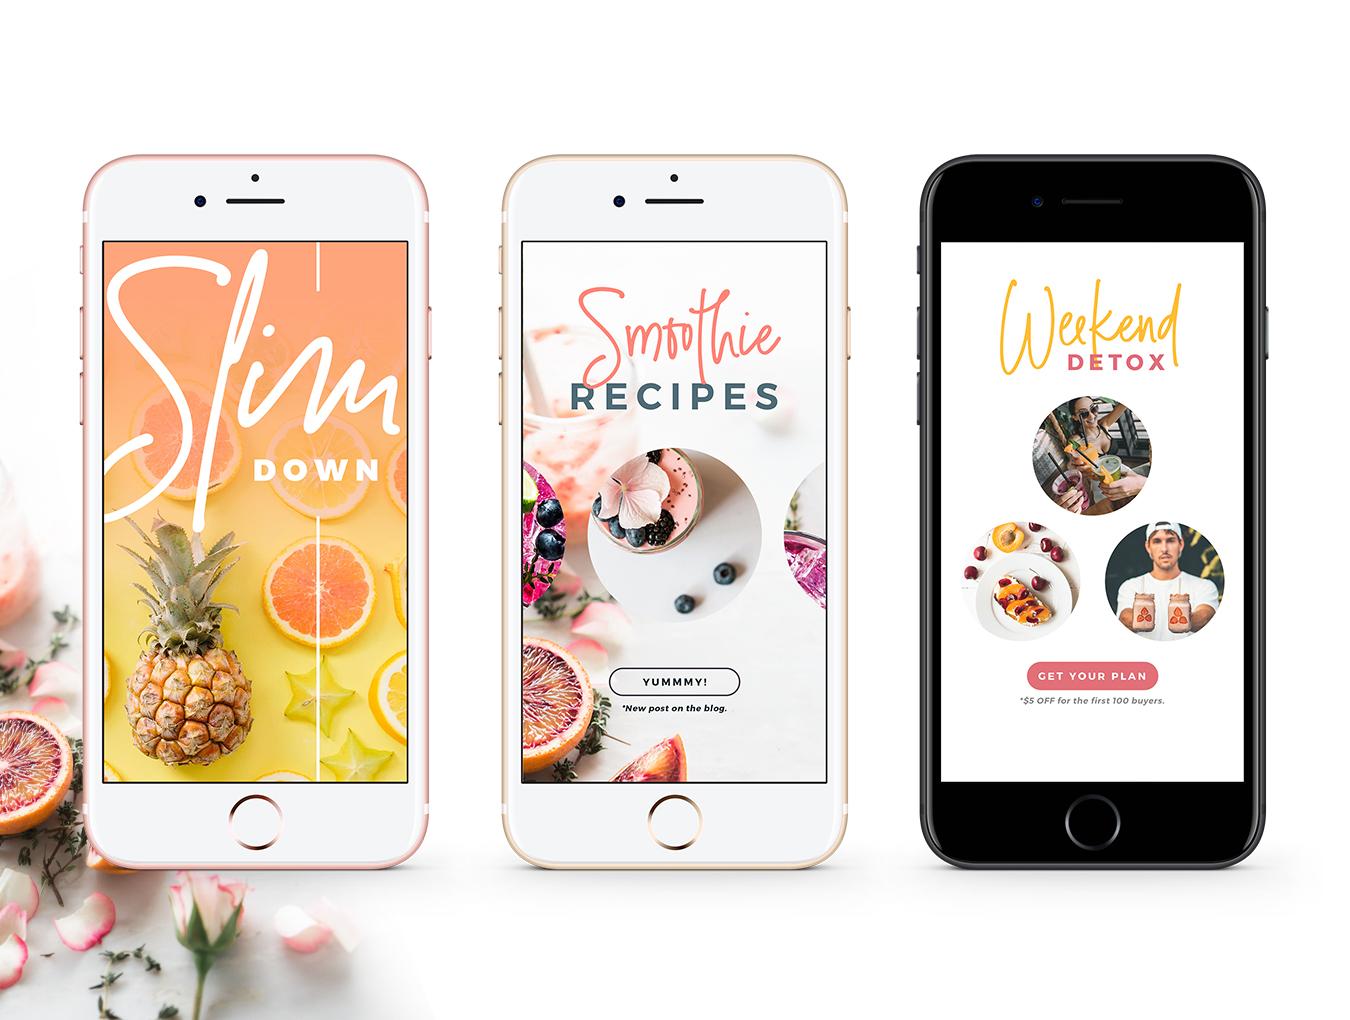 营养美食健身运动博主Instagram社交设计素材包 Detox Week Insta Stories插图(7)